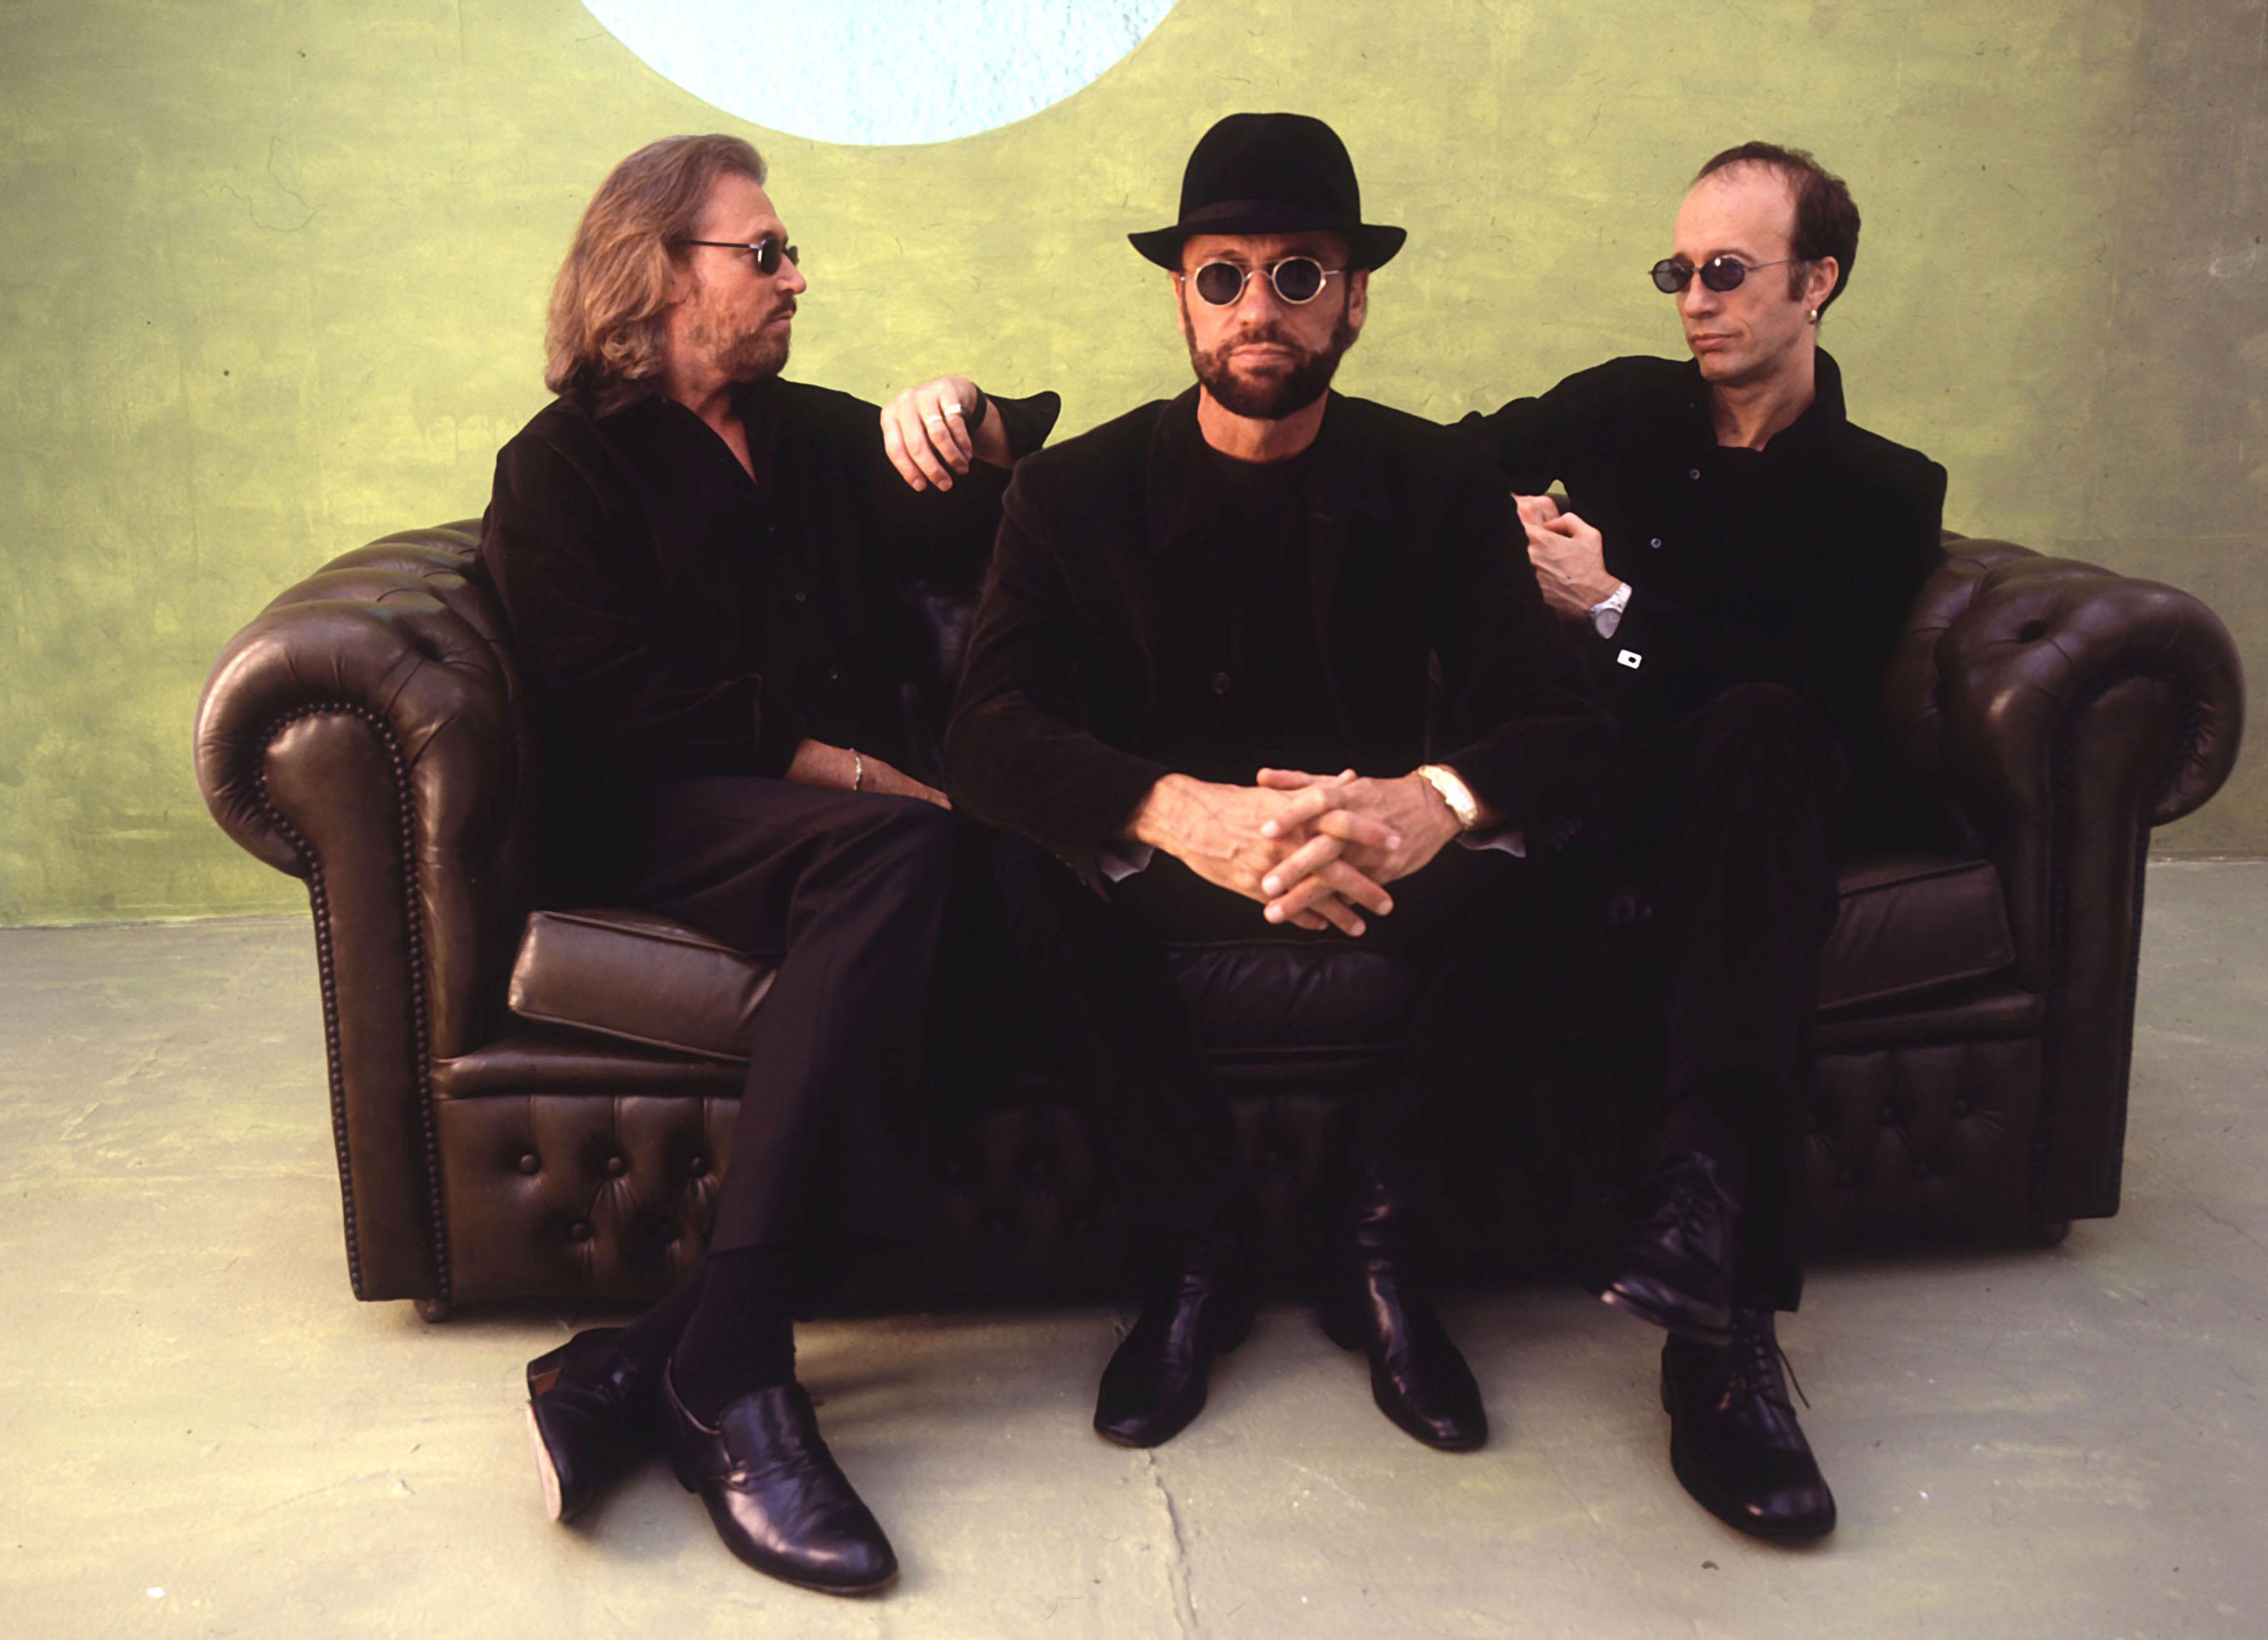 Bee-Gees-Love-Songs-Motiv-2-300-CMYK-jpg